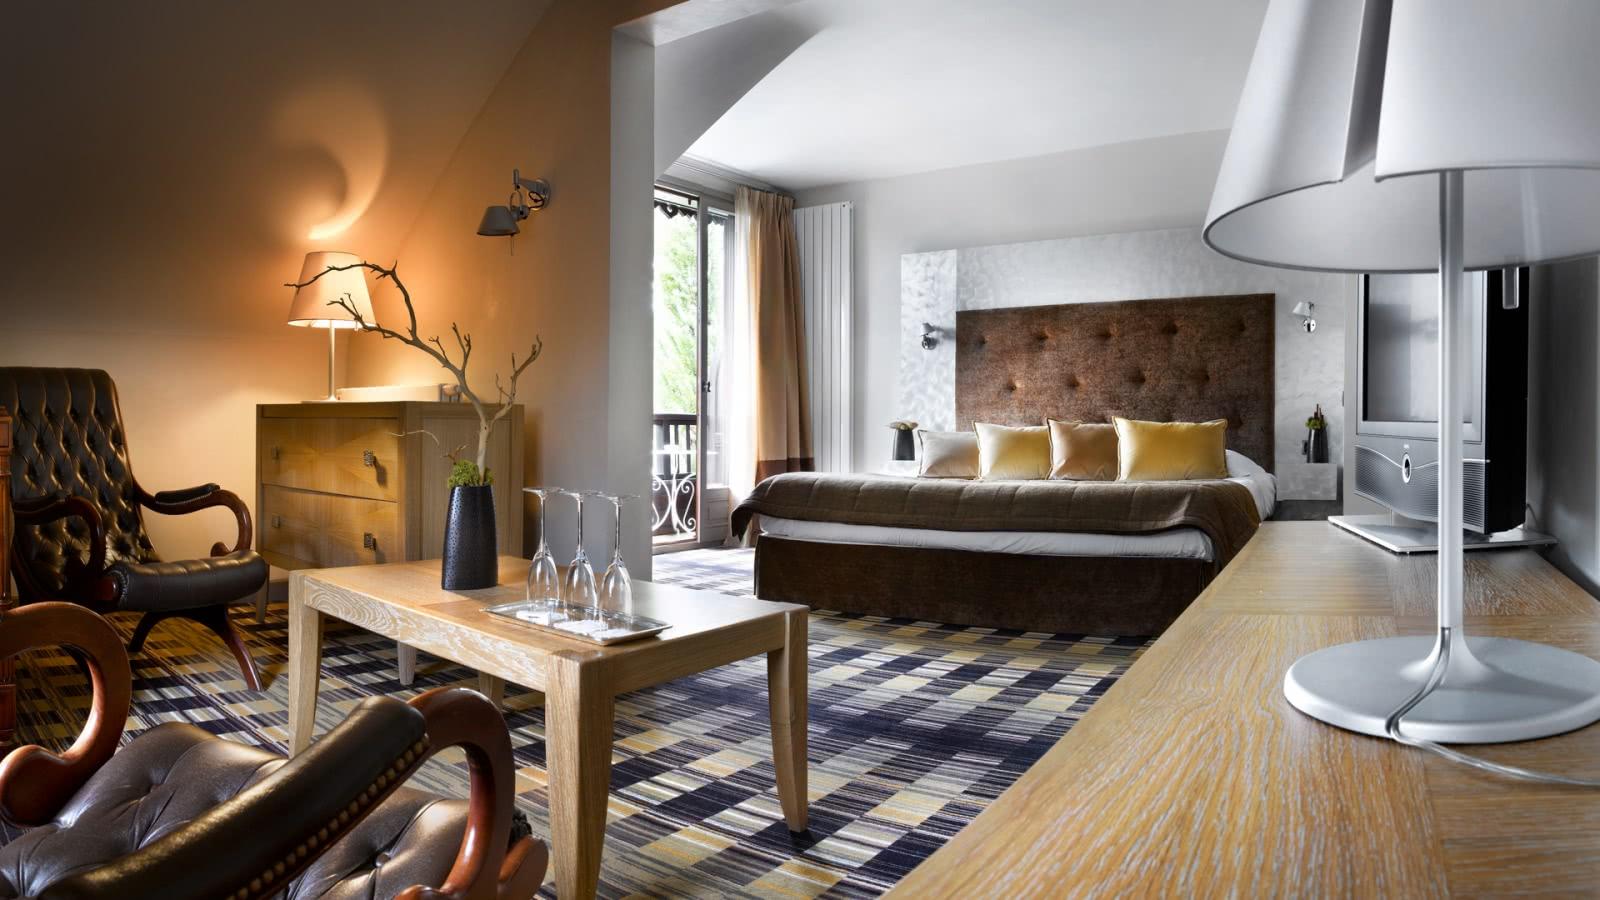 Ambiance détente : hôtel de charme pour instants privilégiés